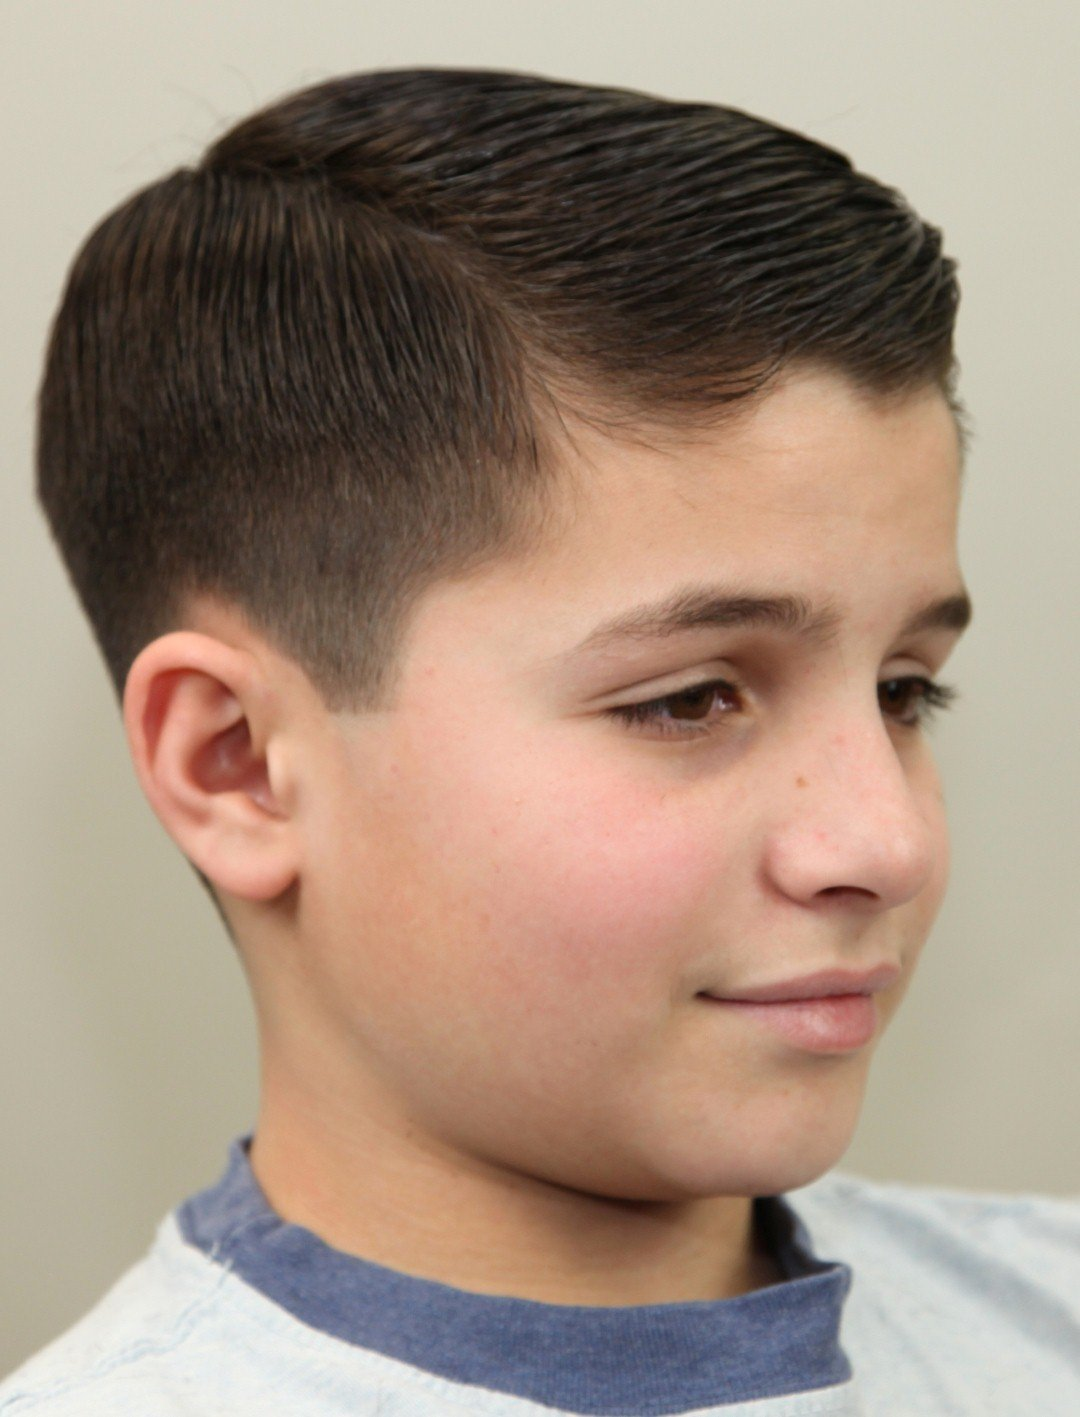 Причёски для мальчиков фото пошагово короткие волосы